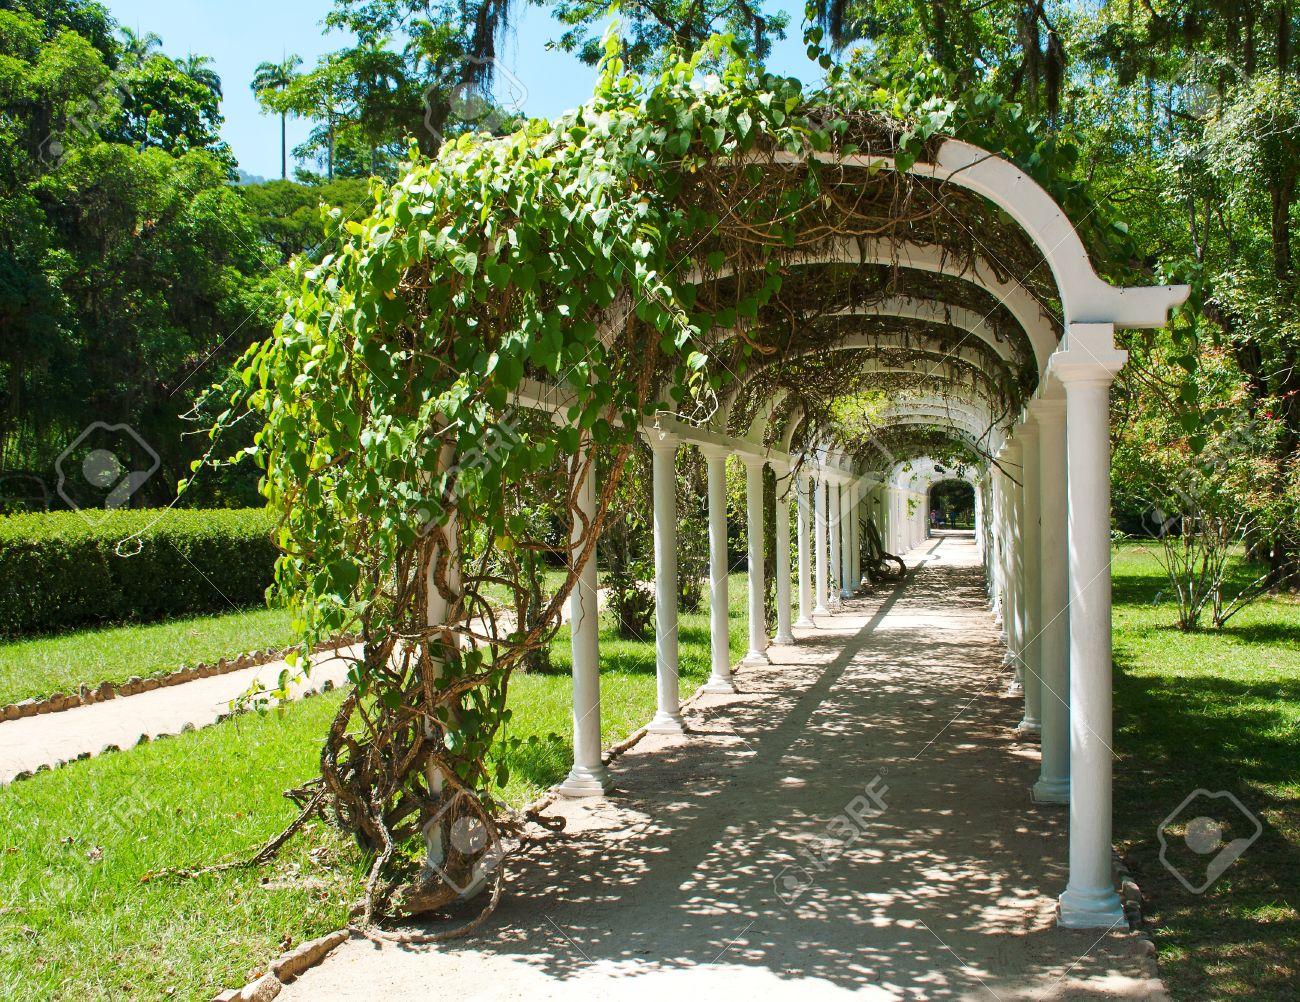 Pergola in Botanical Garden in Rio de Janeiro  Brazil Stock Photo - 13113108